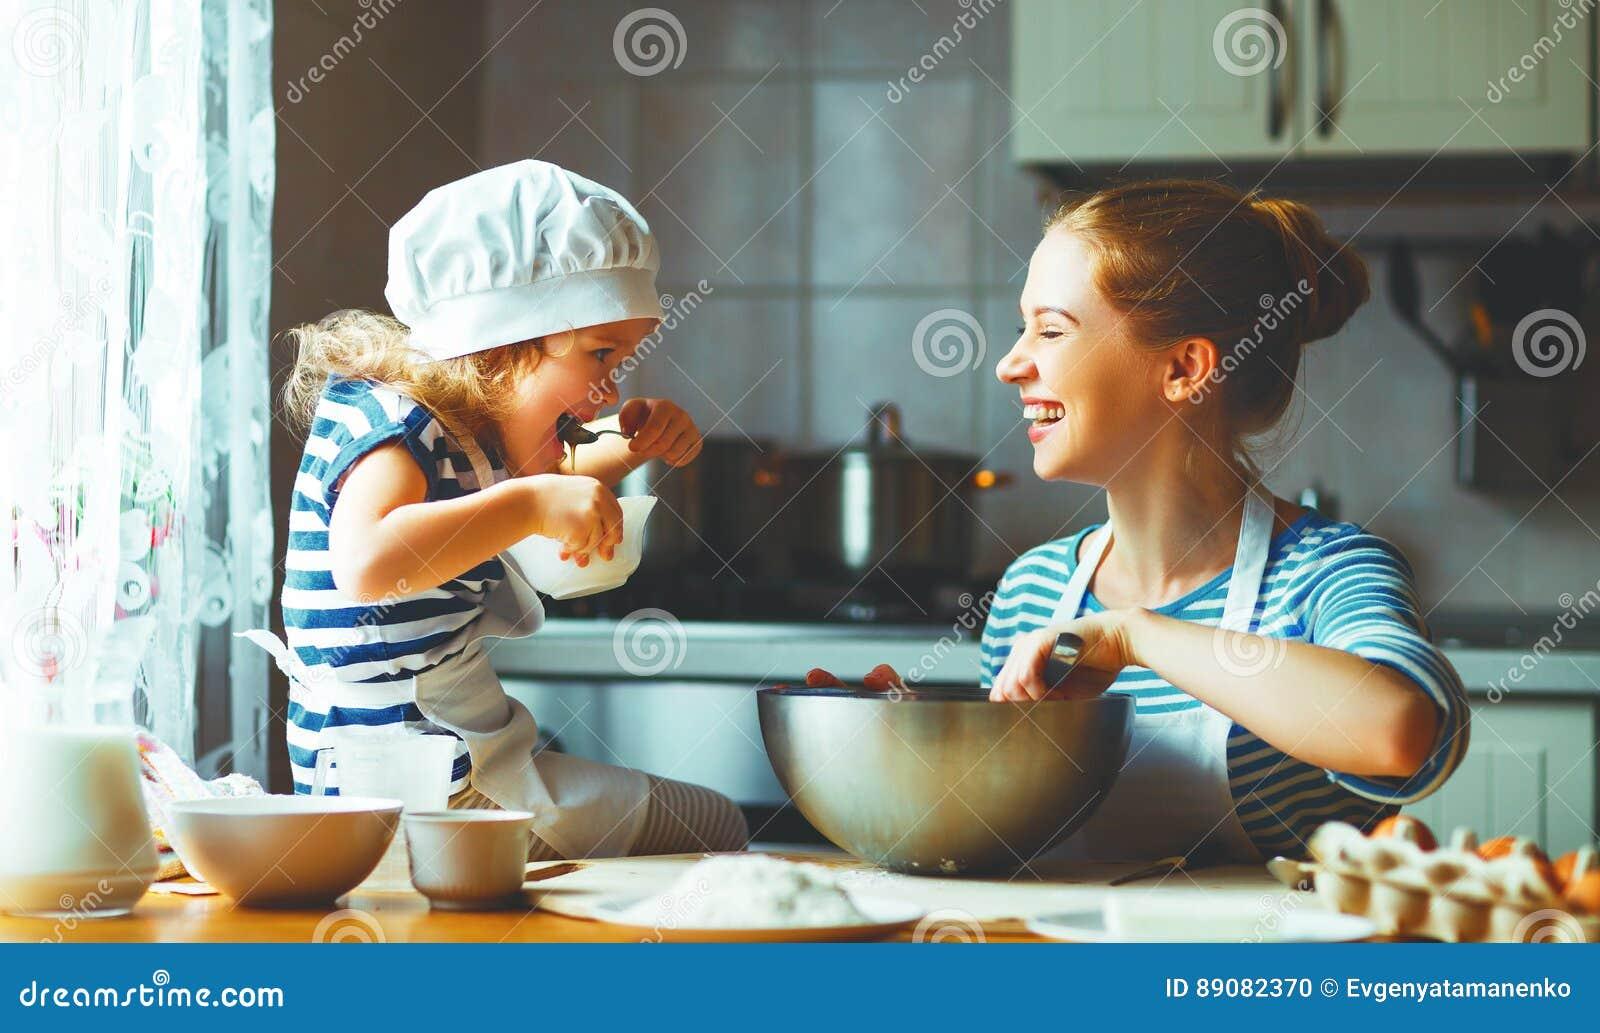 Glückliche Familie in der Küche die Mutter und Kind, die Teig zubereiten, backen